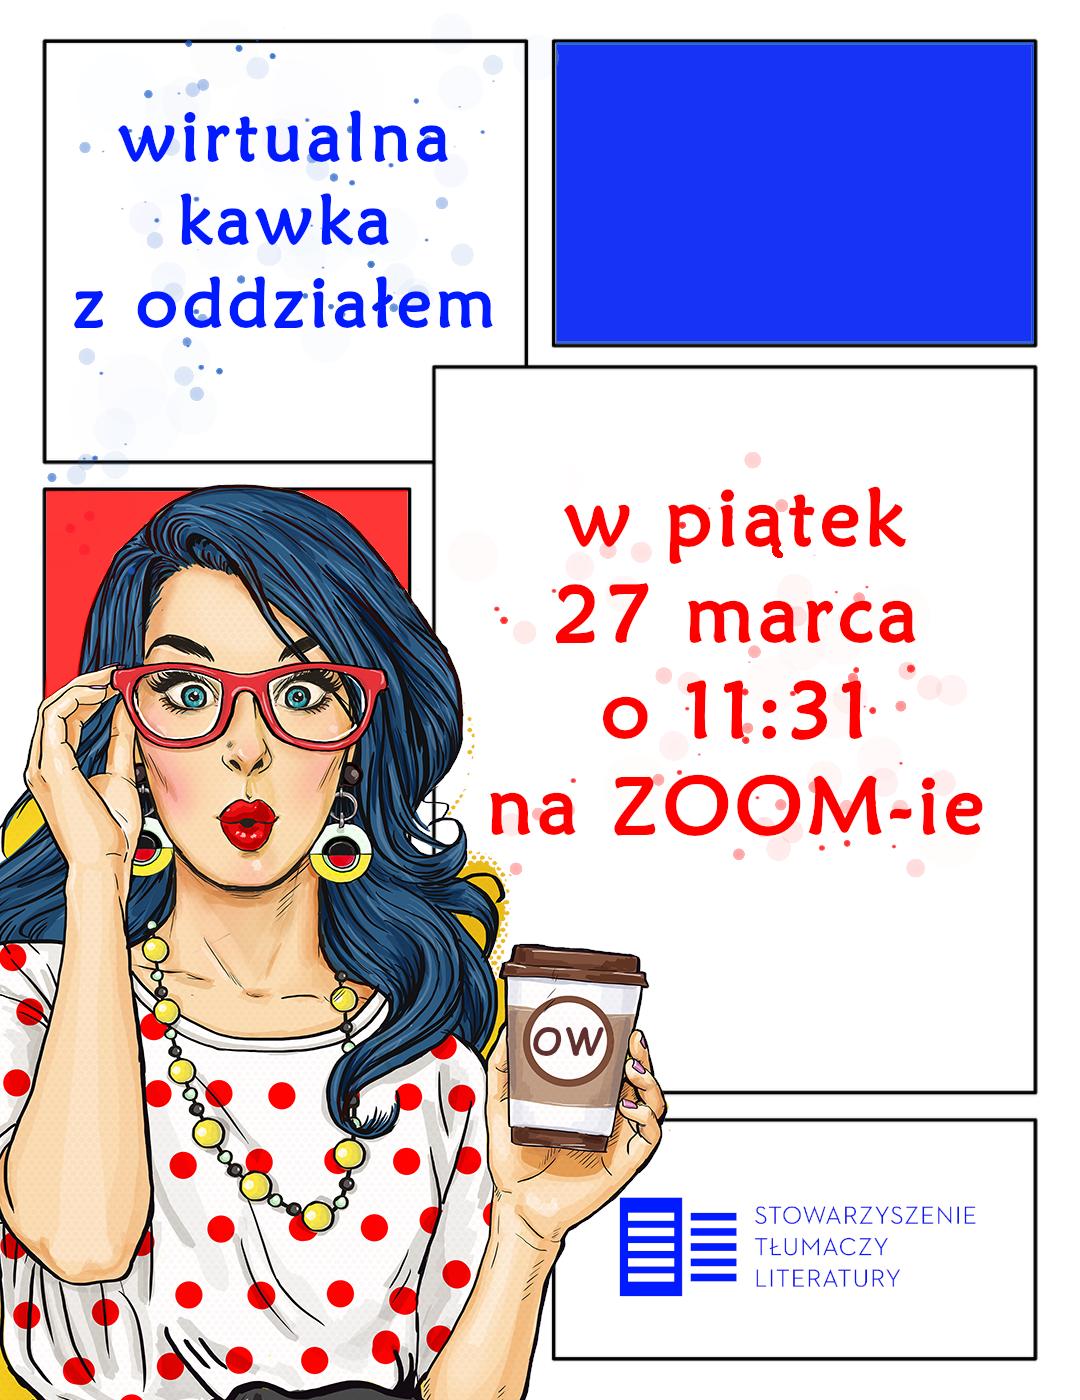 wirtualna kawa02